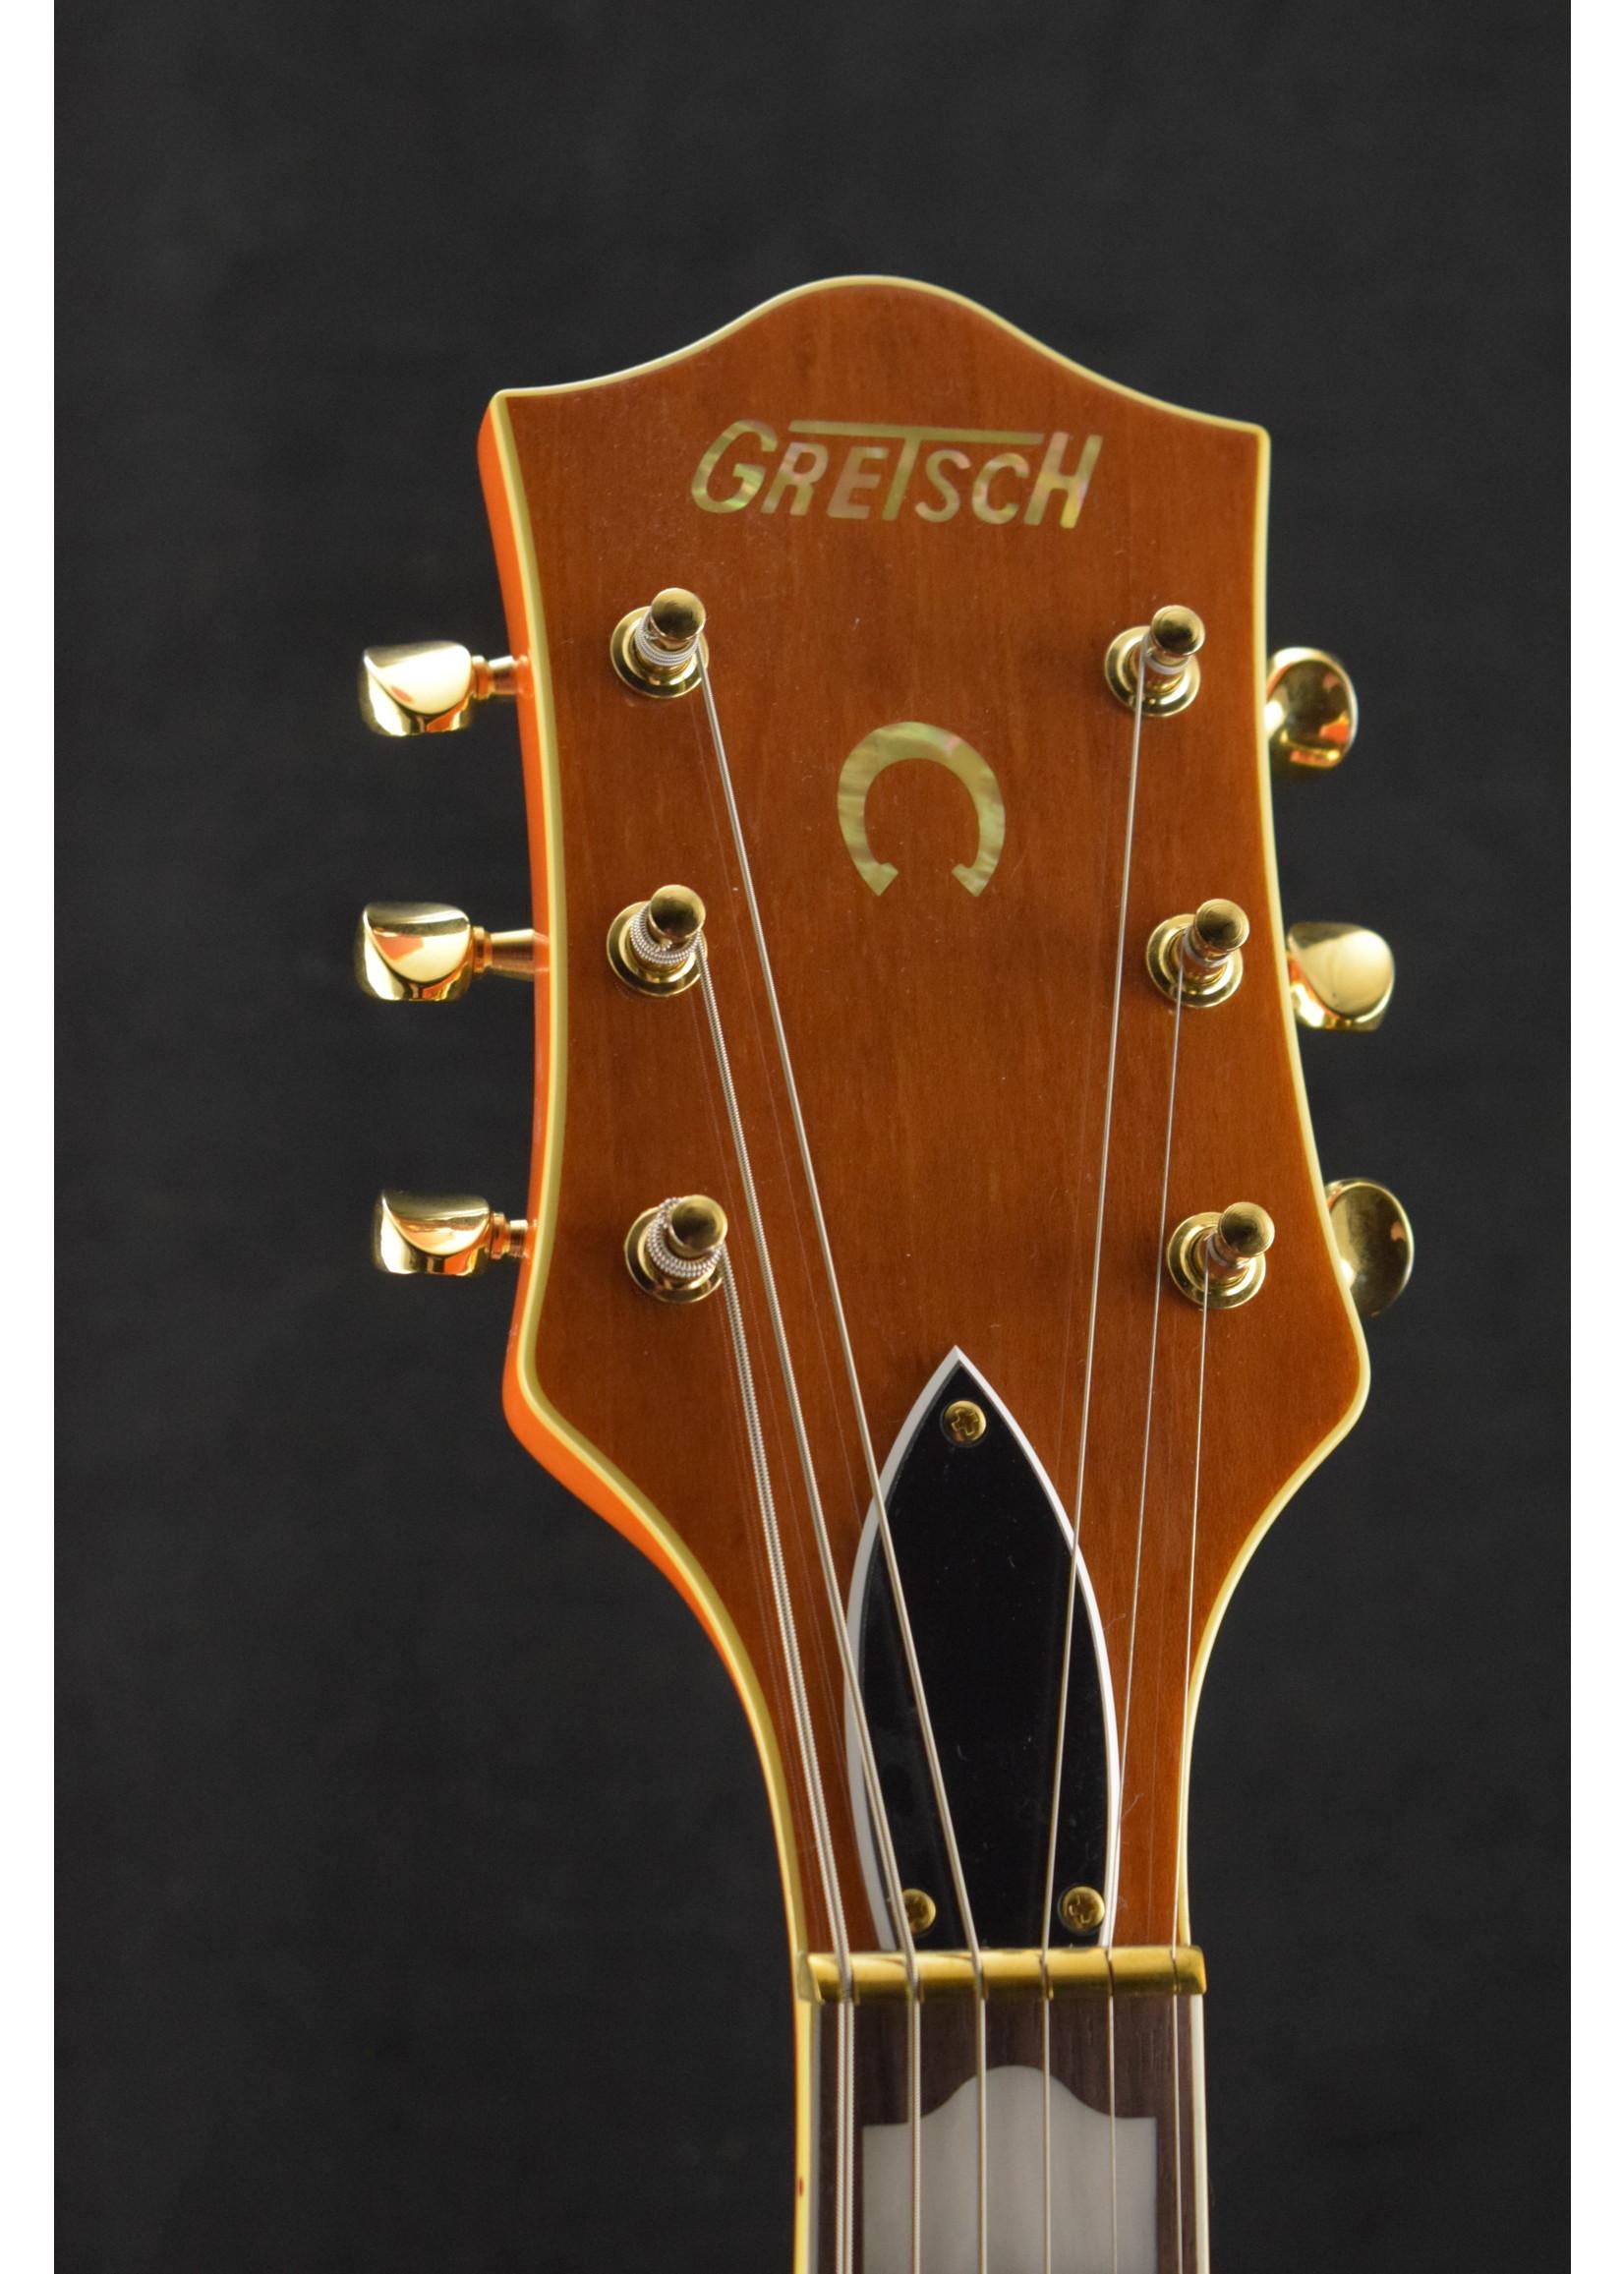 Gretsch Gretsch G6120DE Duane Eddy Signature Hollow Body Desert Sunrise